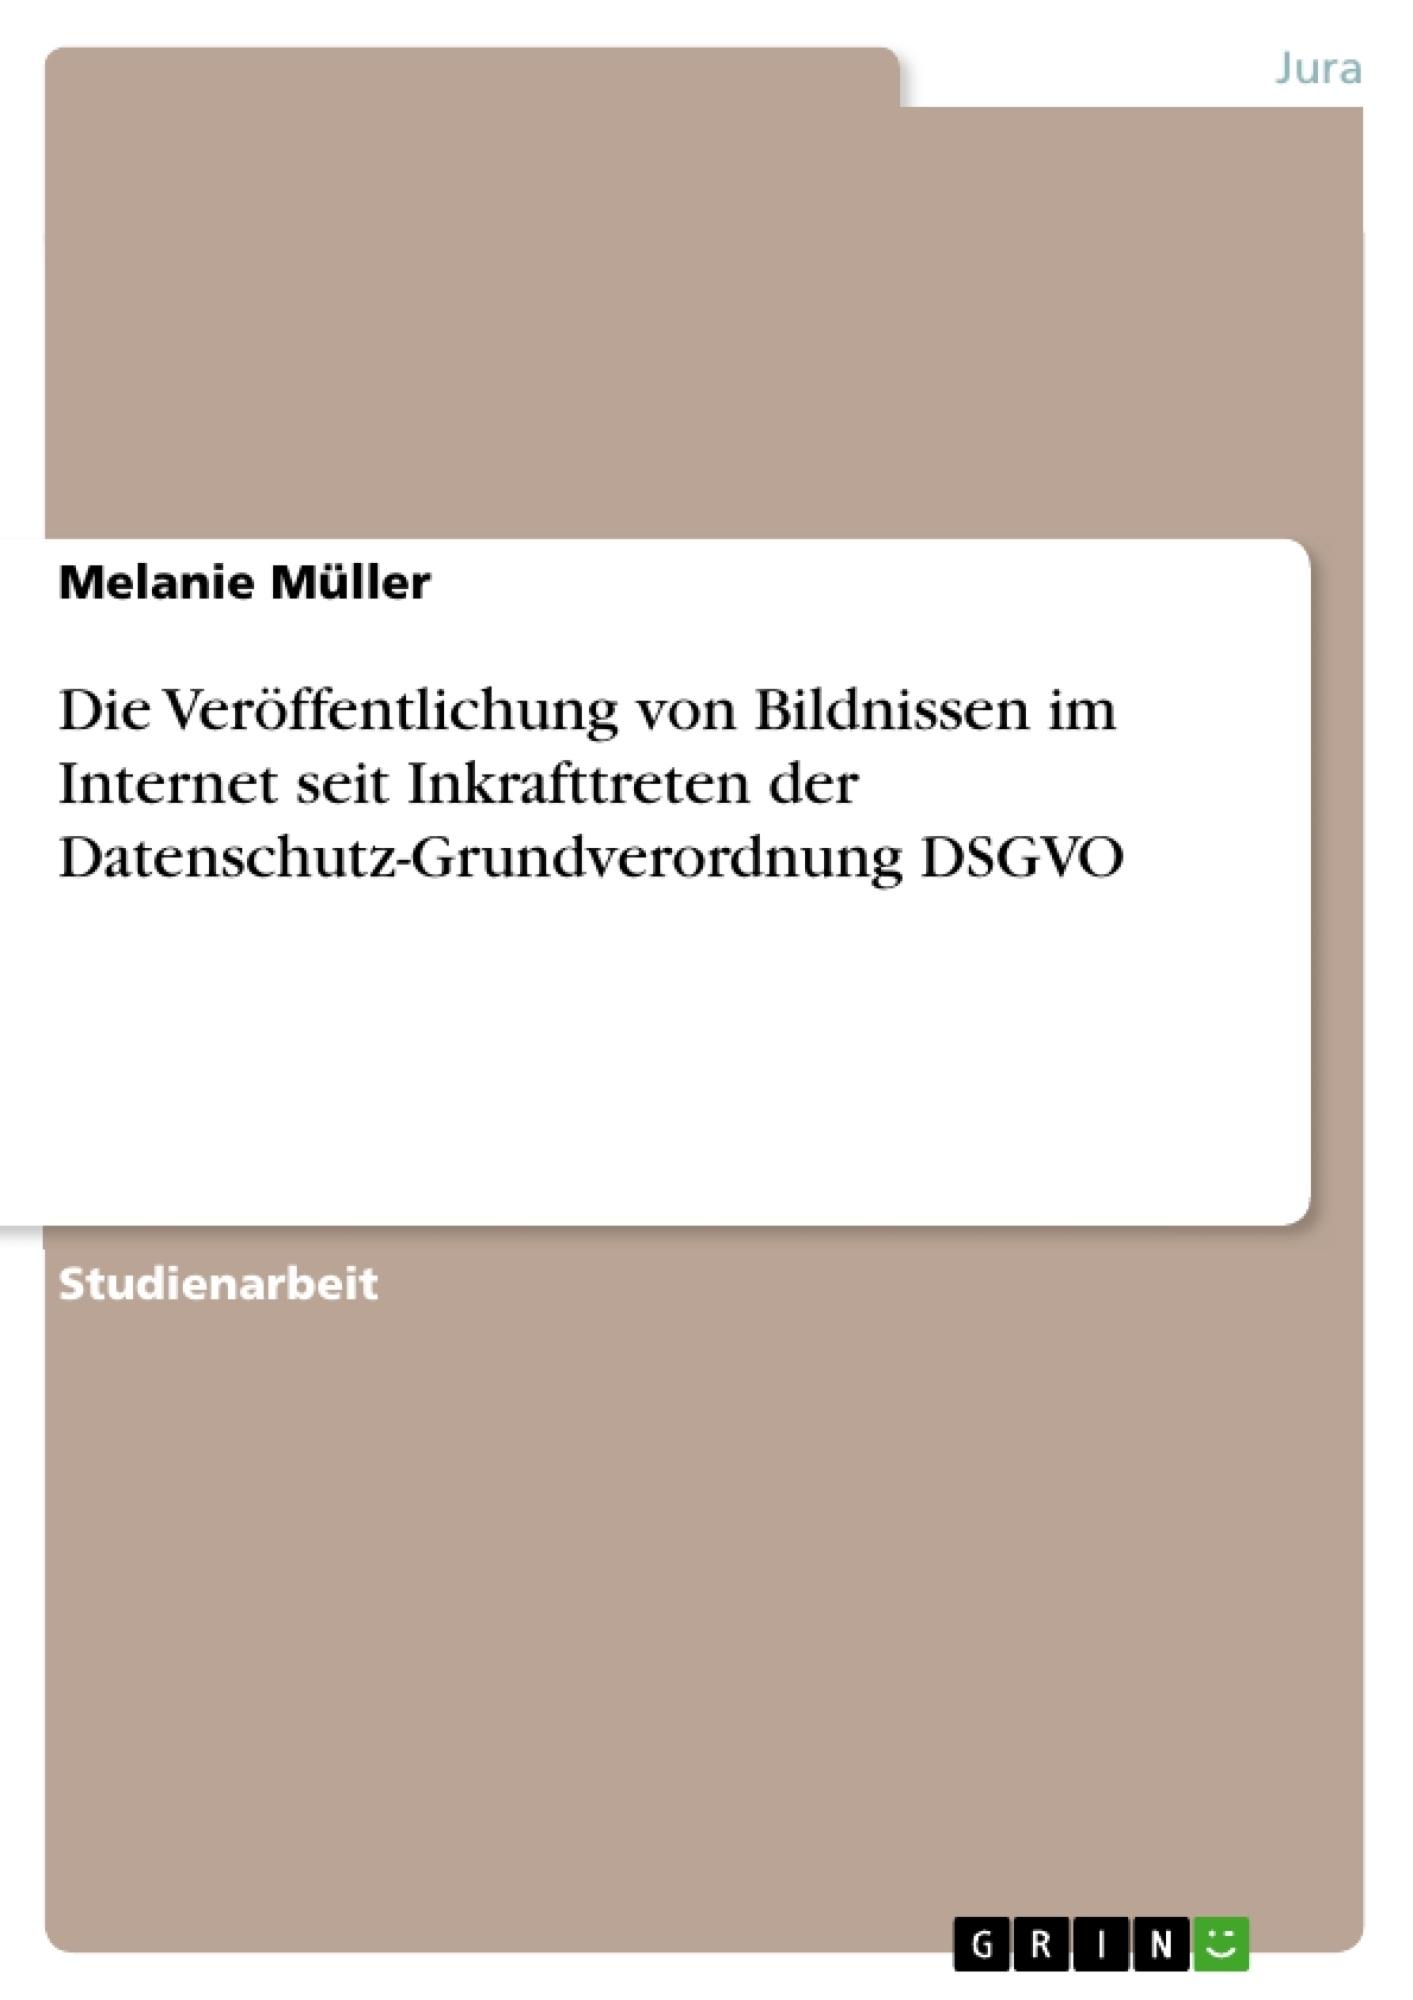 Titel: Die Veröffentlichung von Bildnissen im Internet seit Inkrafttreten der Datenschutz-Grundverordnung DSGVO